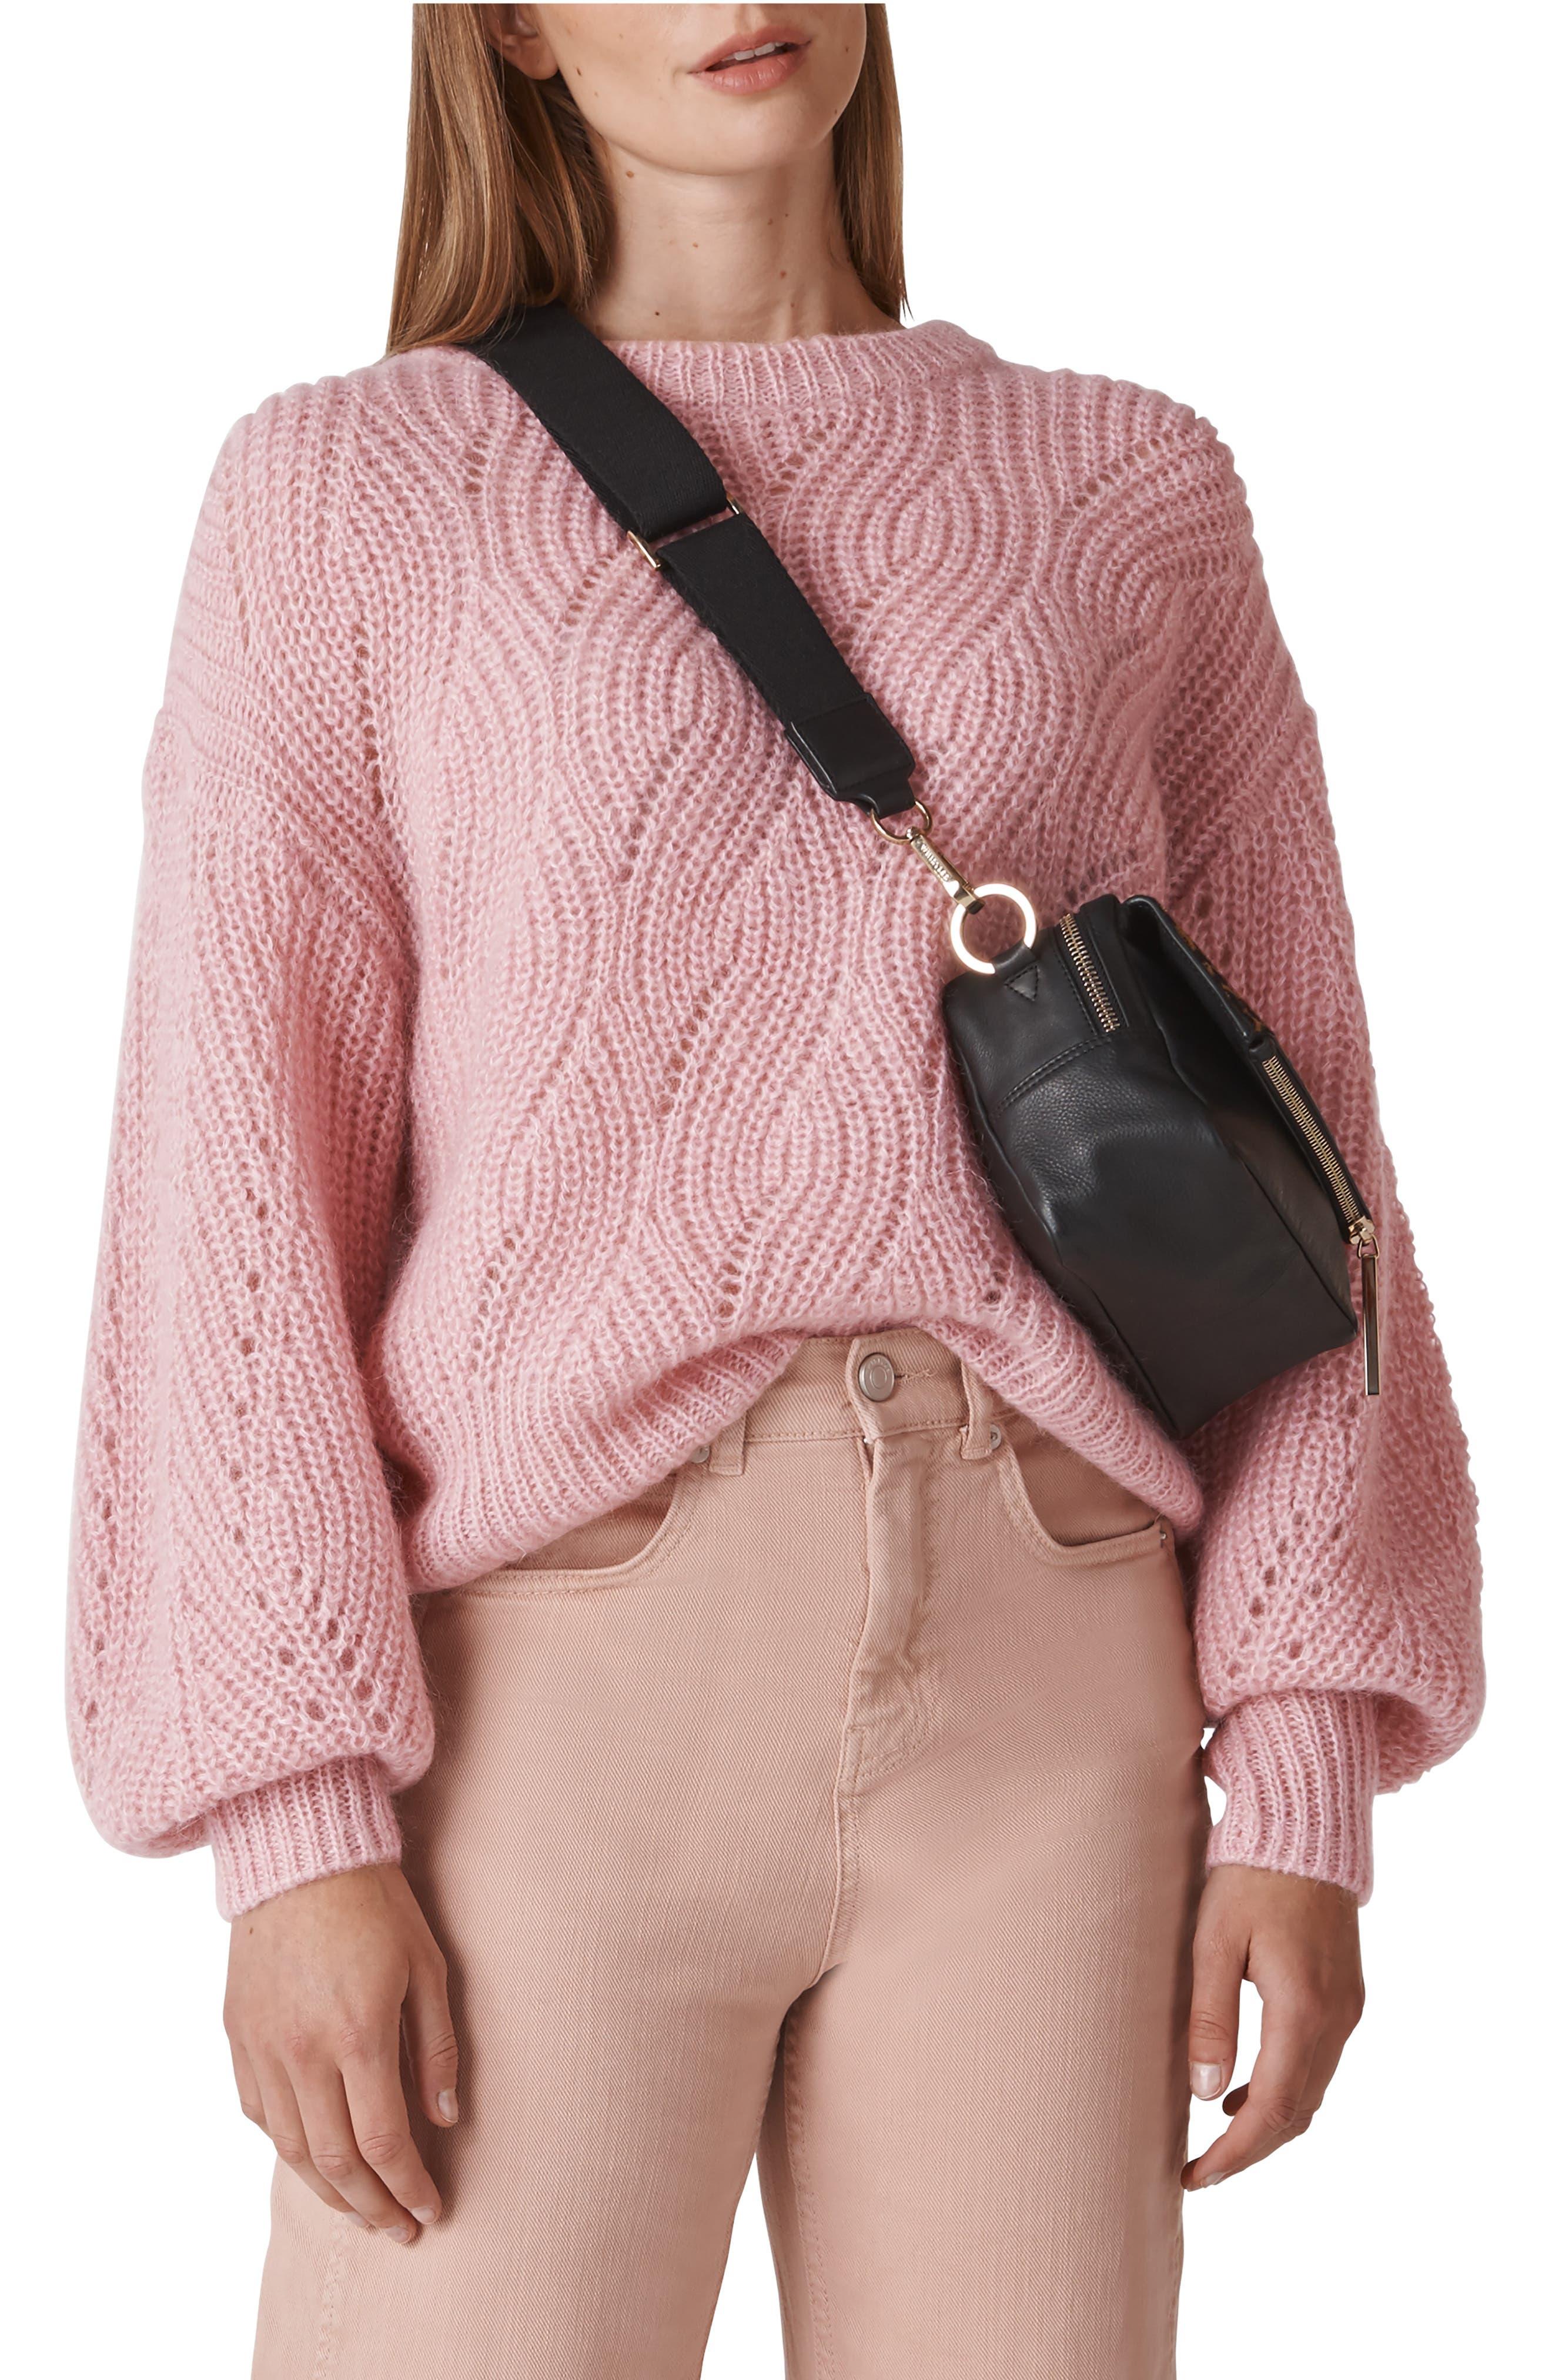 Sophia Bishop-Sleeve Sweater in Pink